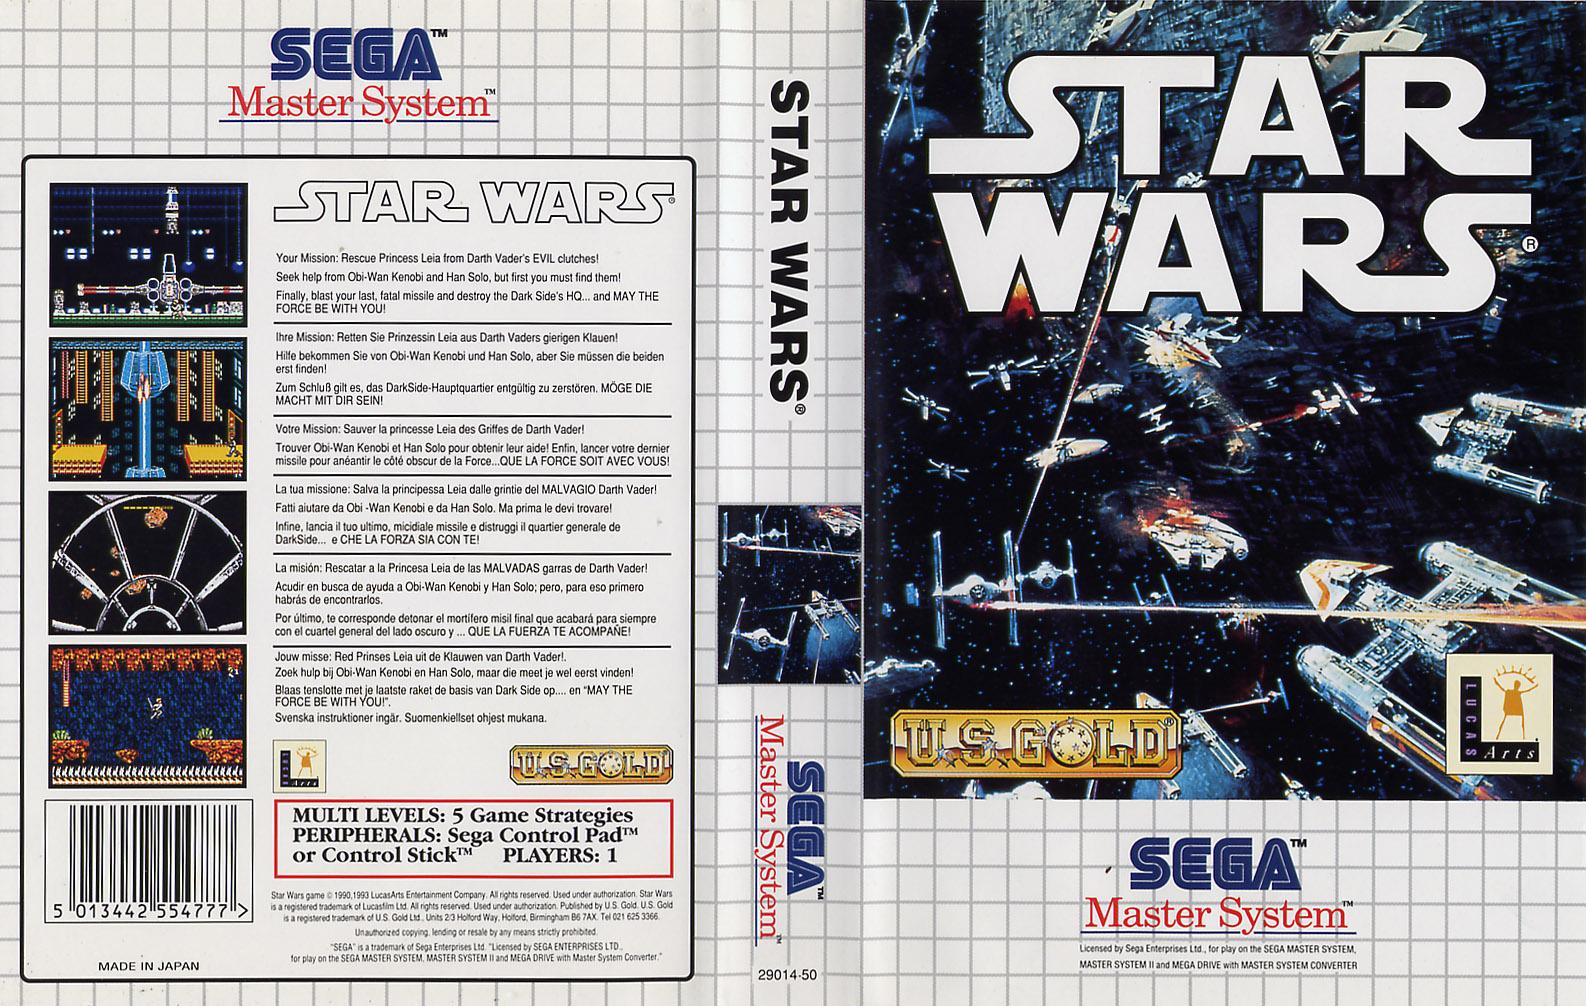 http://www.smspower.org/uploads/Scans/StarWars-SMS-EU.jpg